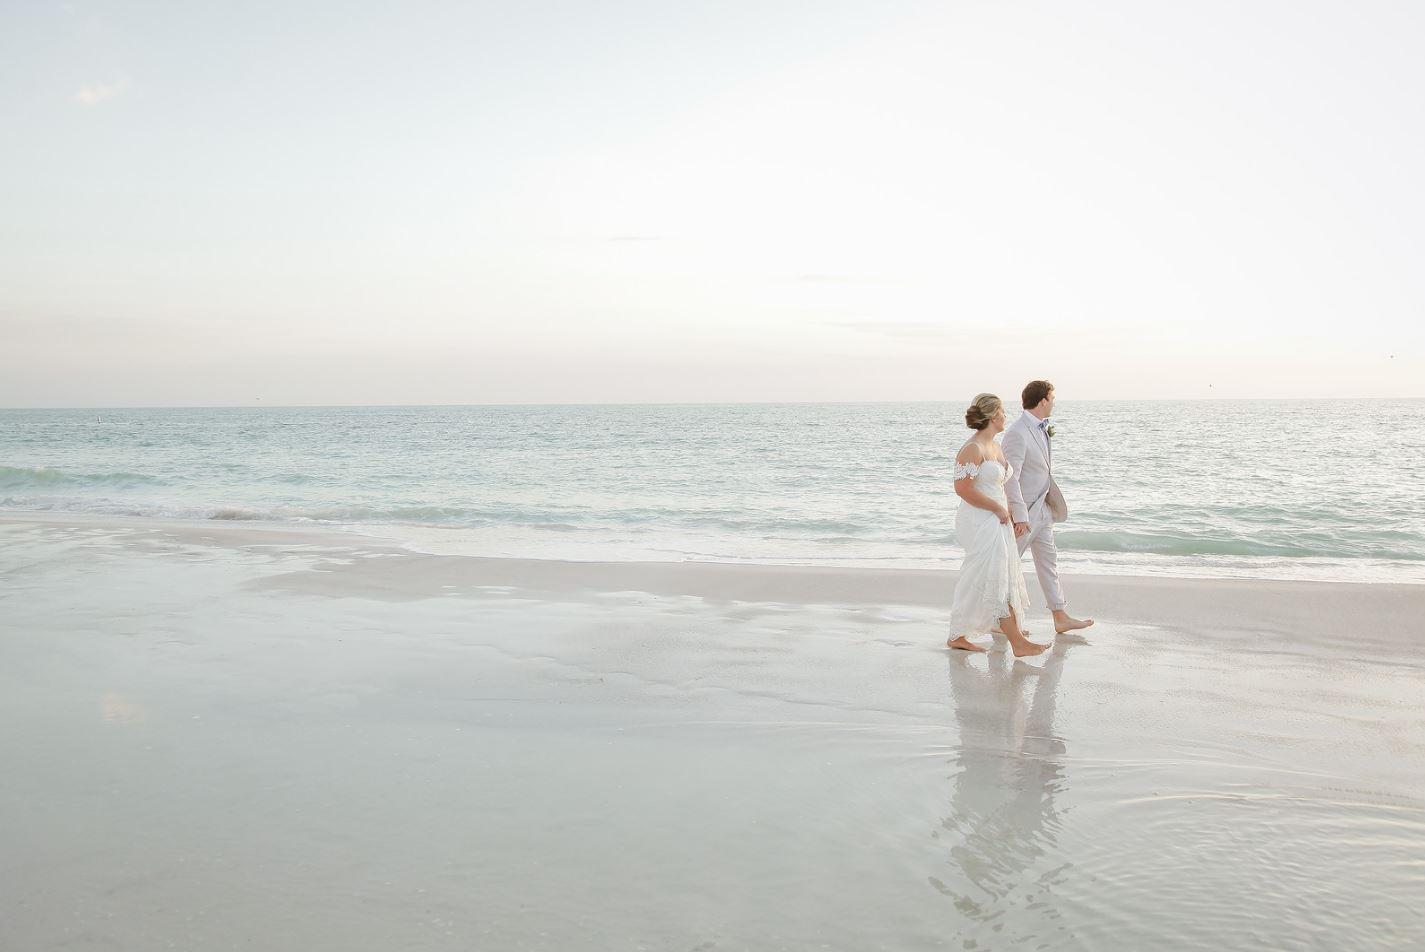 Jaime_wedding_photographer_032.JPG